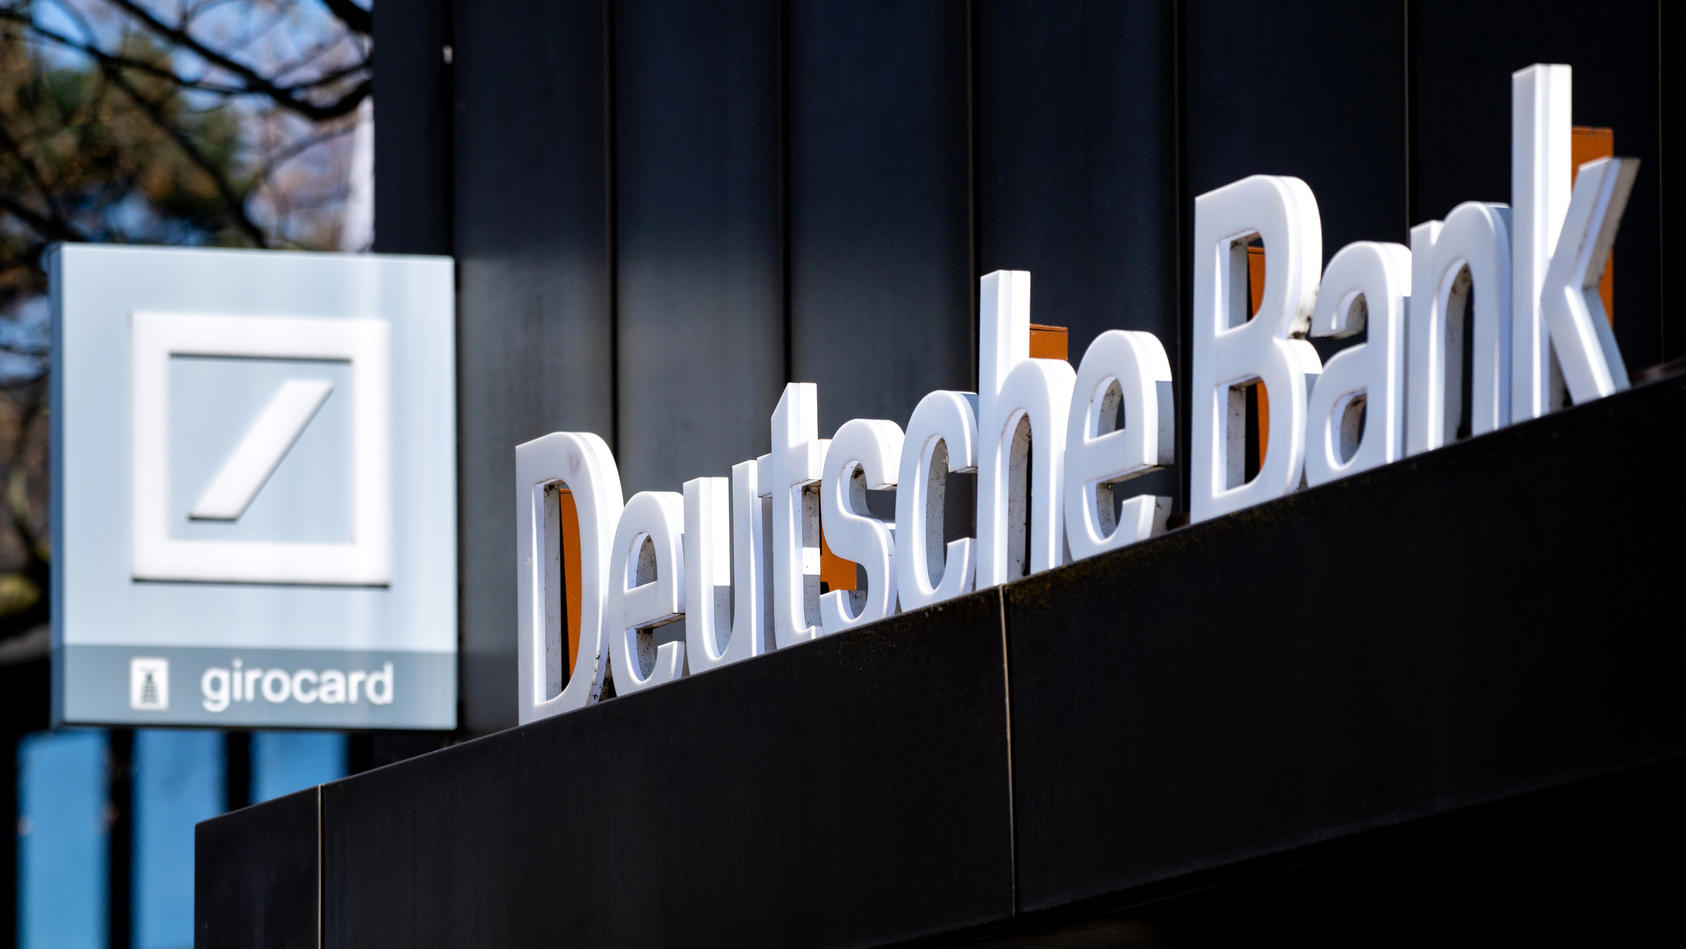 deutsche-bank-und-postbank-informieren-ihre-kunden-uber-neue-nutzungsbedingungen